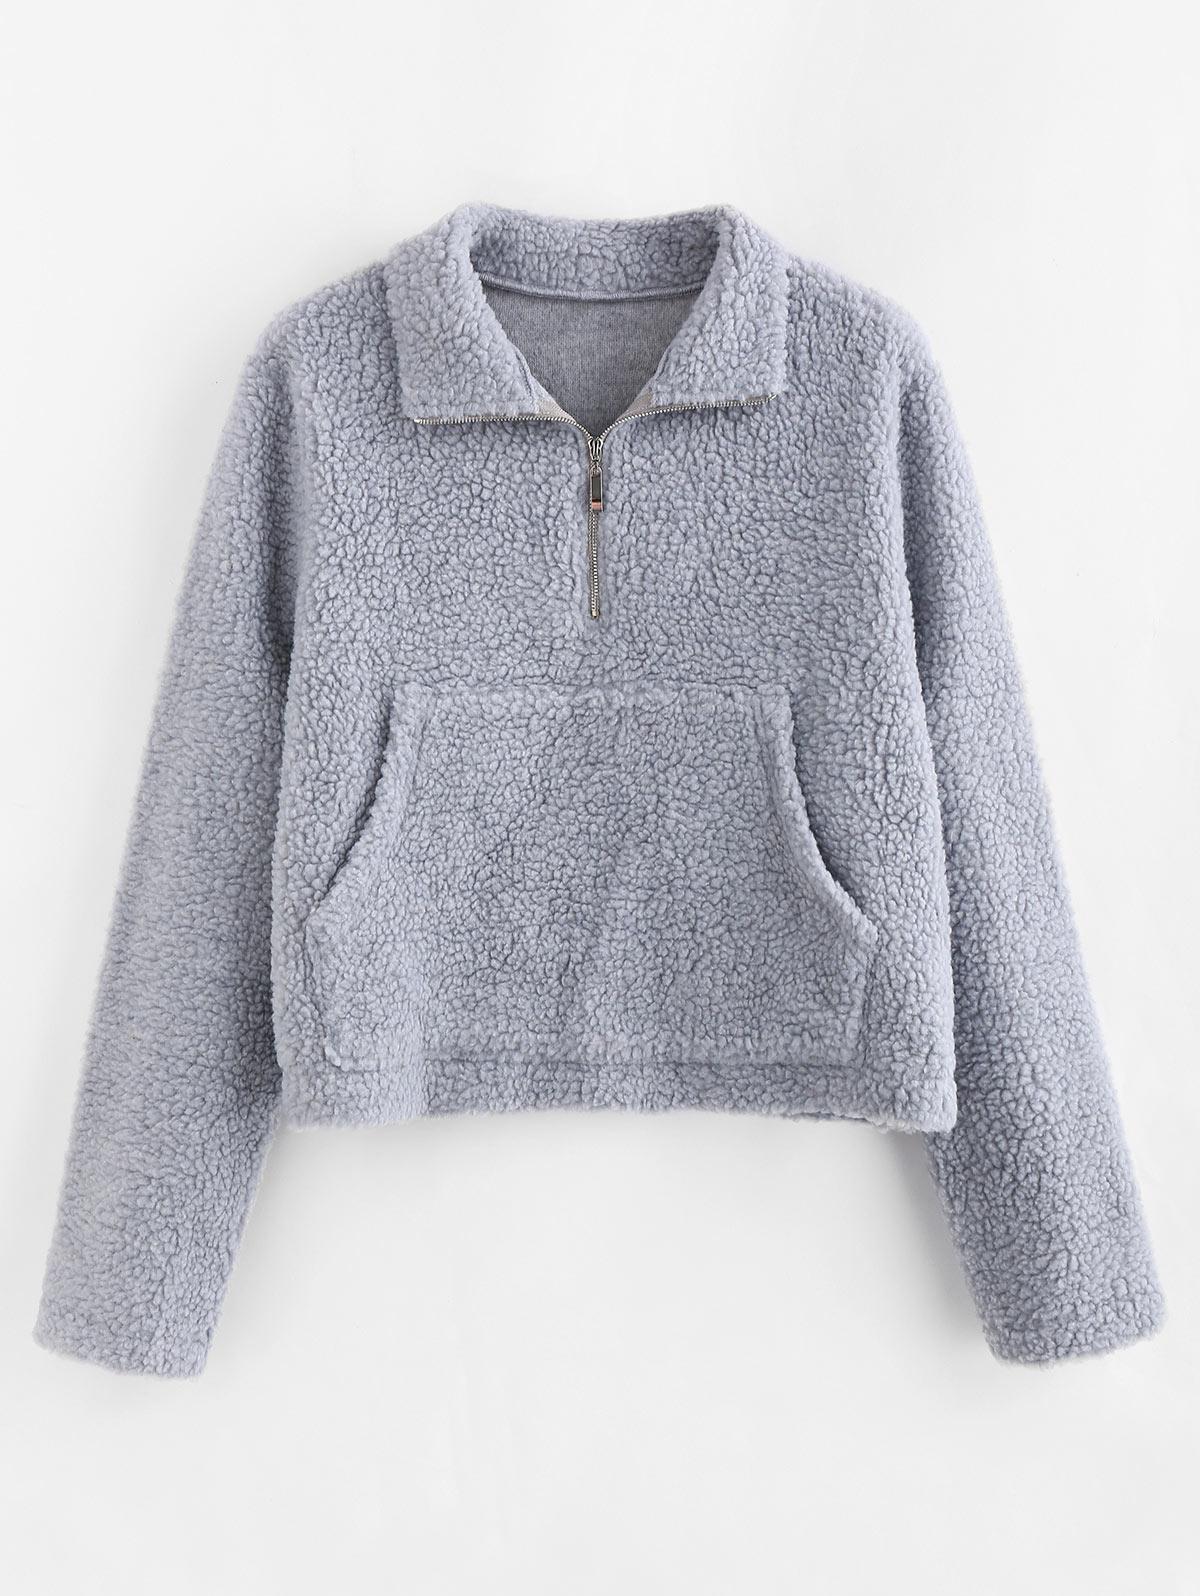 ZAFUL Half Zip Kangaroo Pocket Teddy Sweatshirt фото